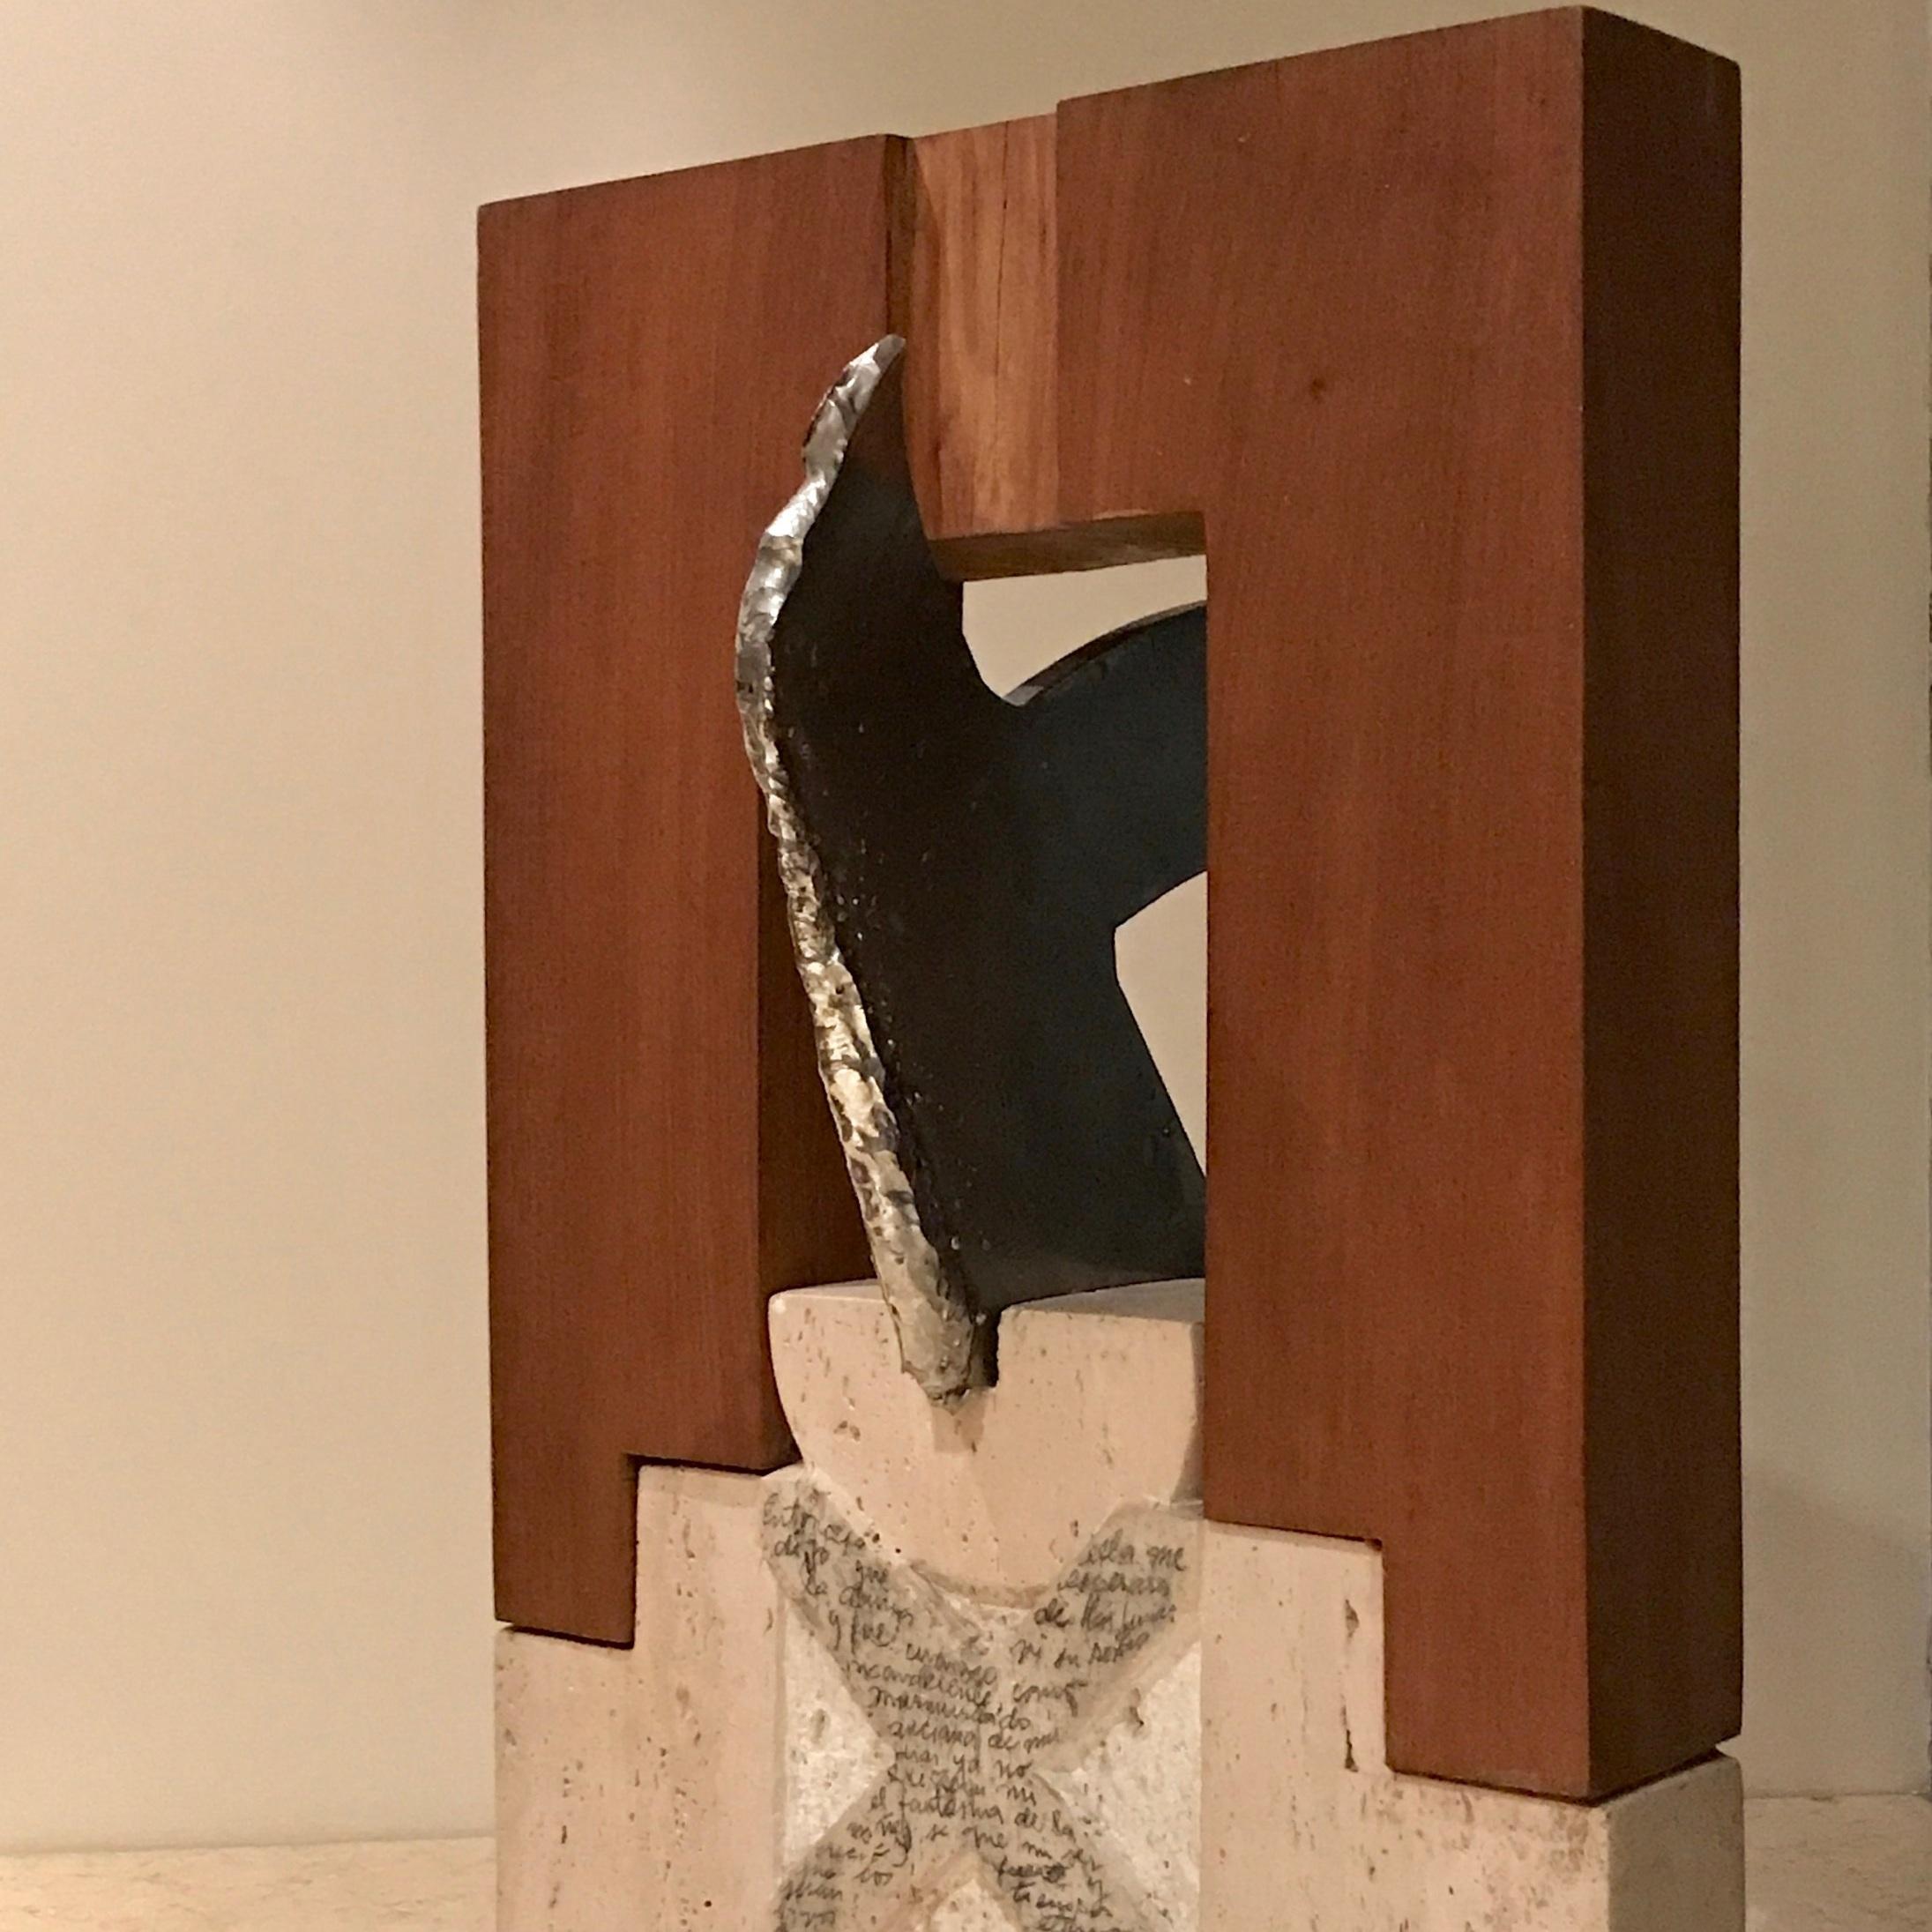 Umbral+con+Poema%2C+Carlos+Mendoza.jpg